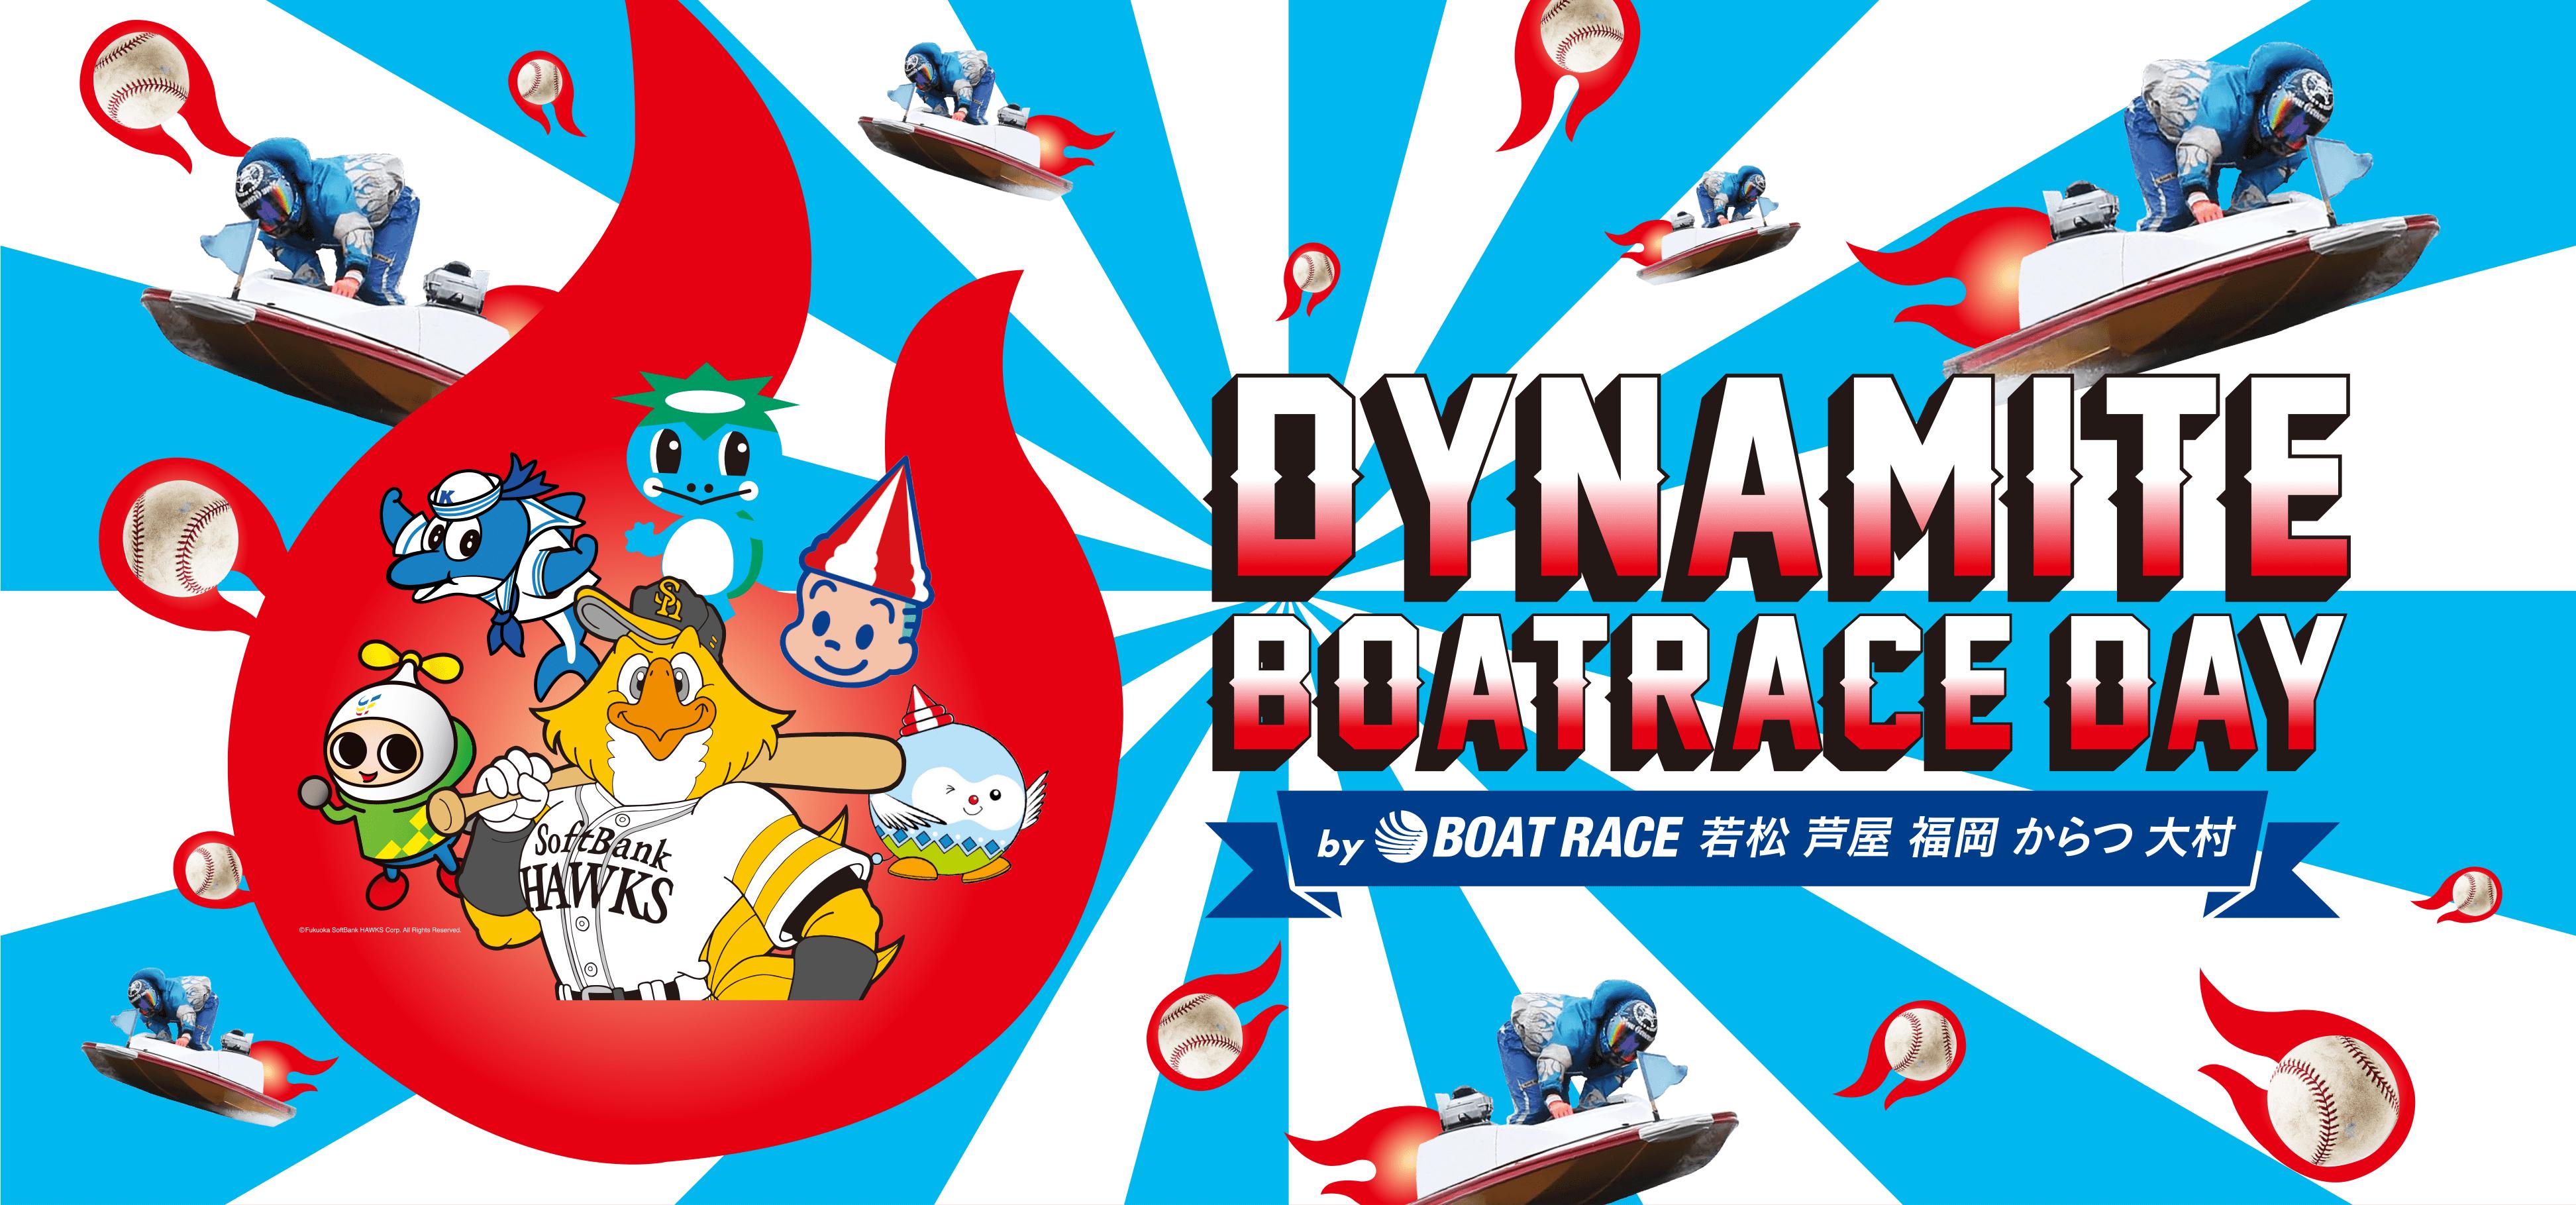 DYNAMITE BOAT RACE DAY